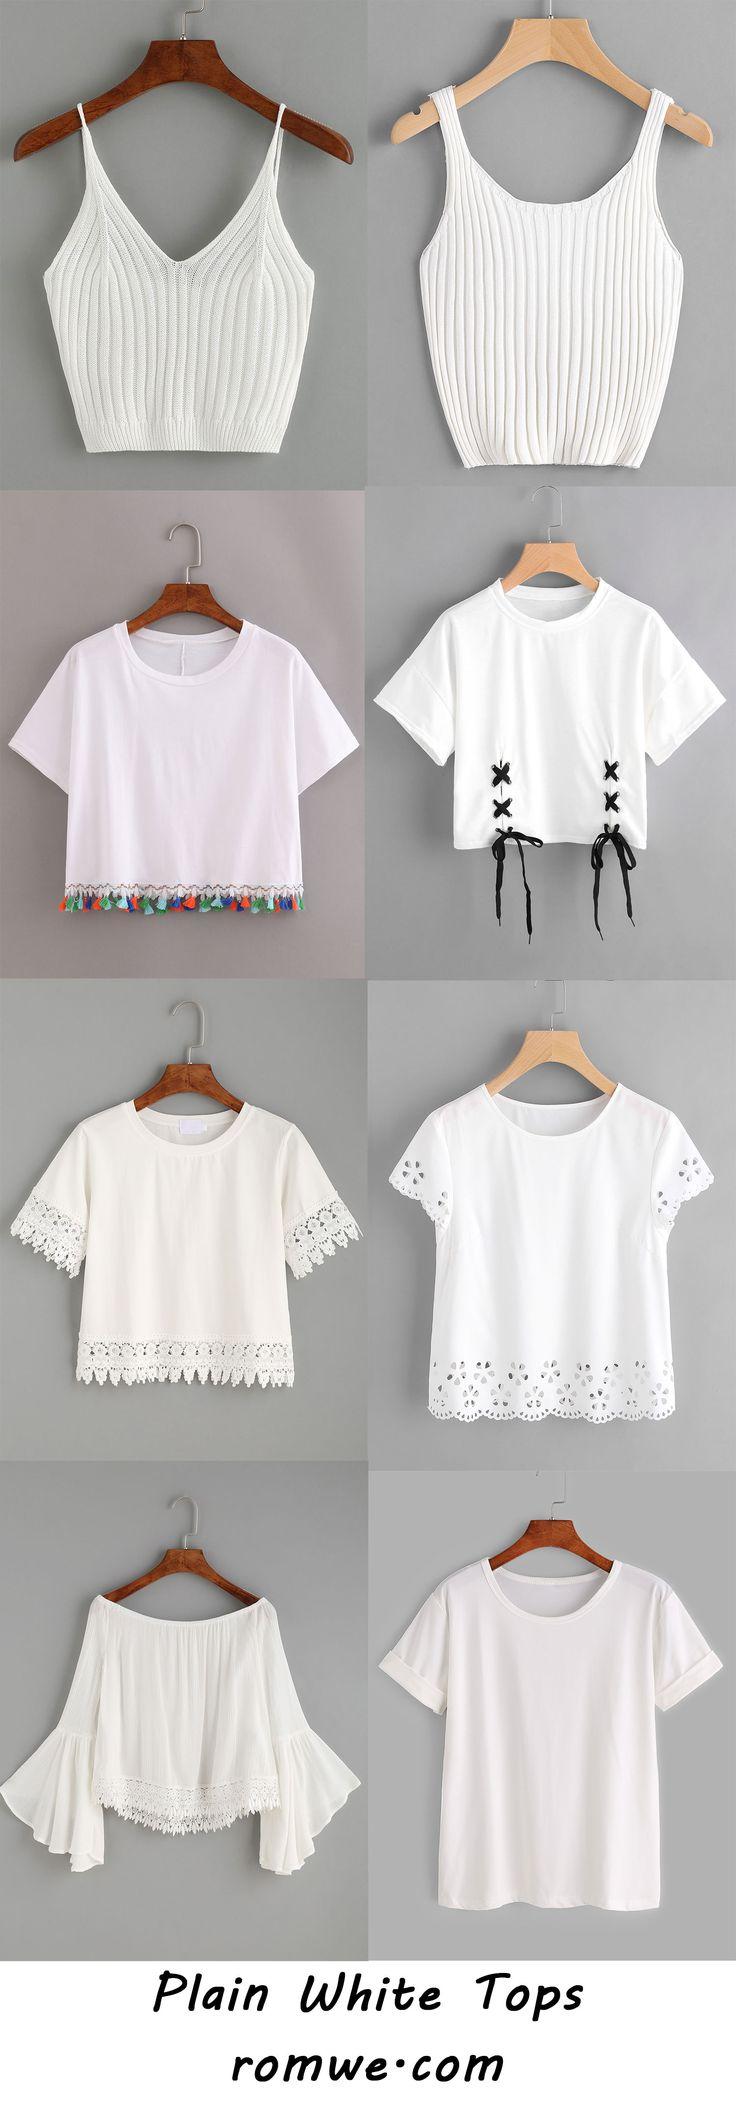 plain white tops 2017 - romwe.com